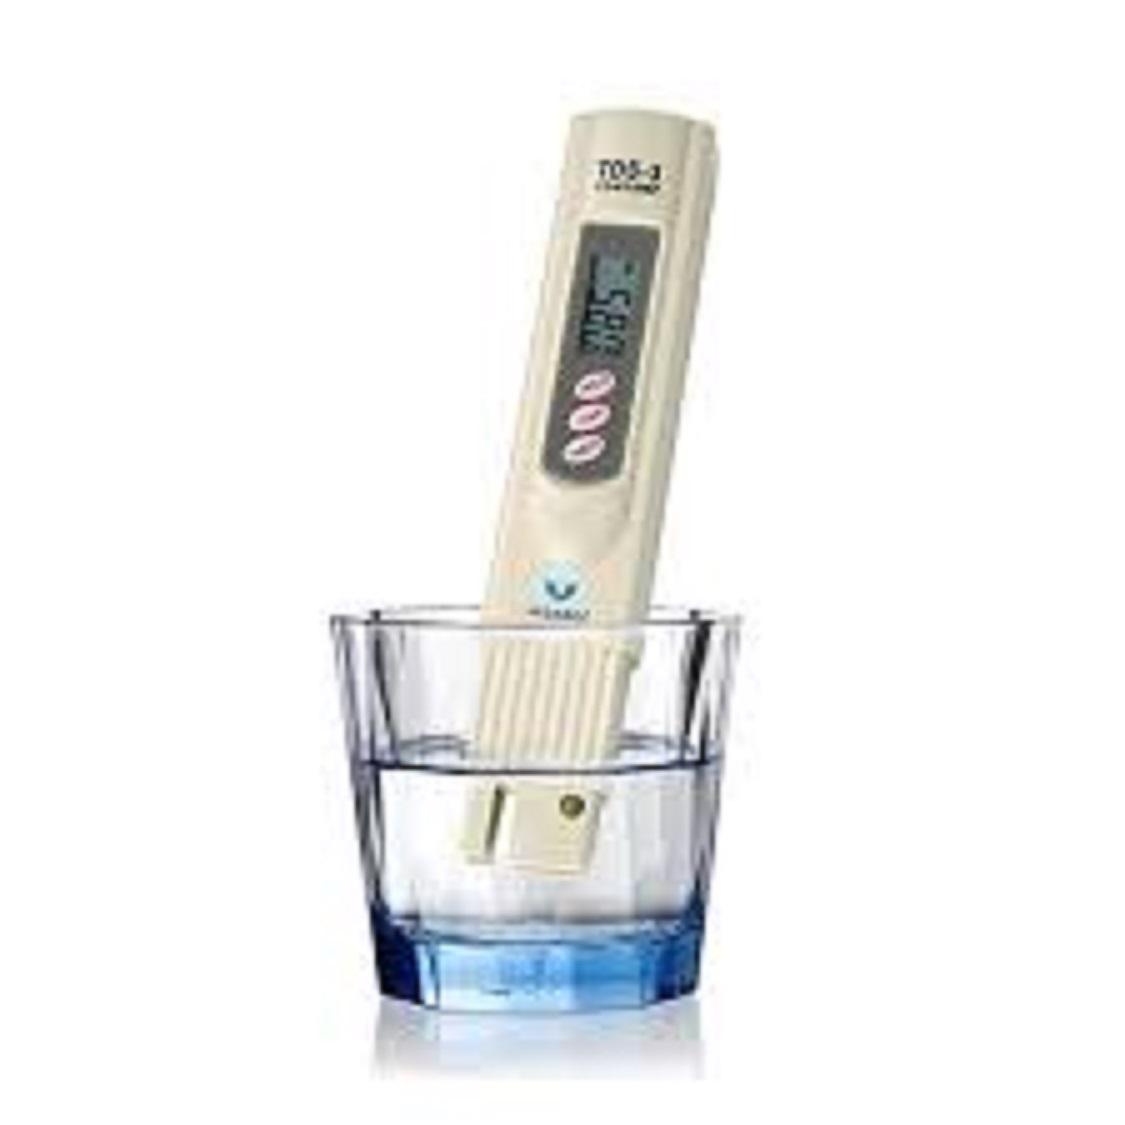 Bút đo nồng độ ppm, thiết bị kiểm tra nước sạch tiện dụng